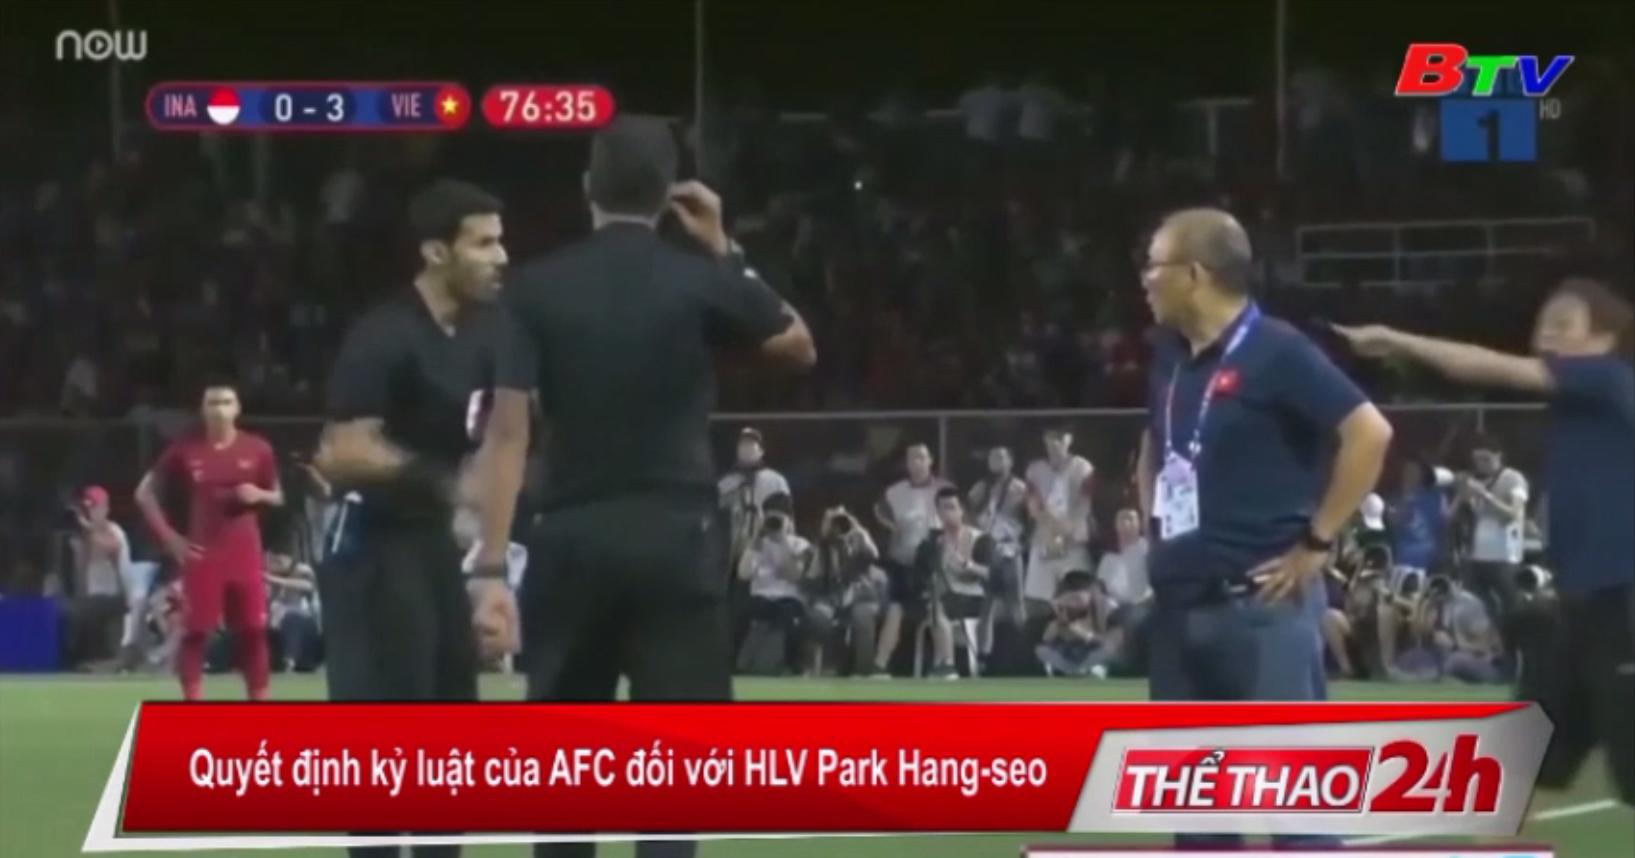 Quyết định kỷ luật của AFC đối với HLV Park Hang-seo